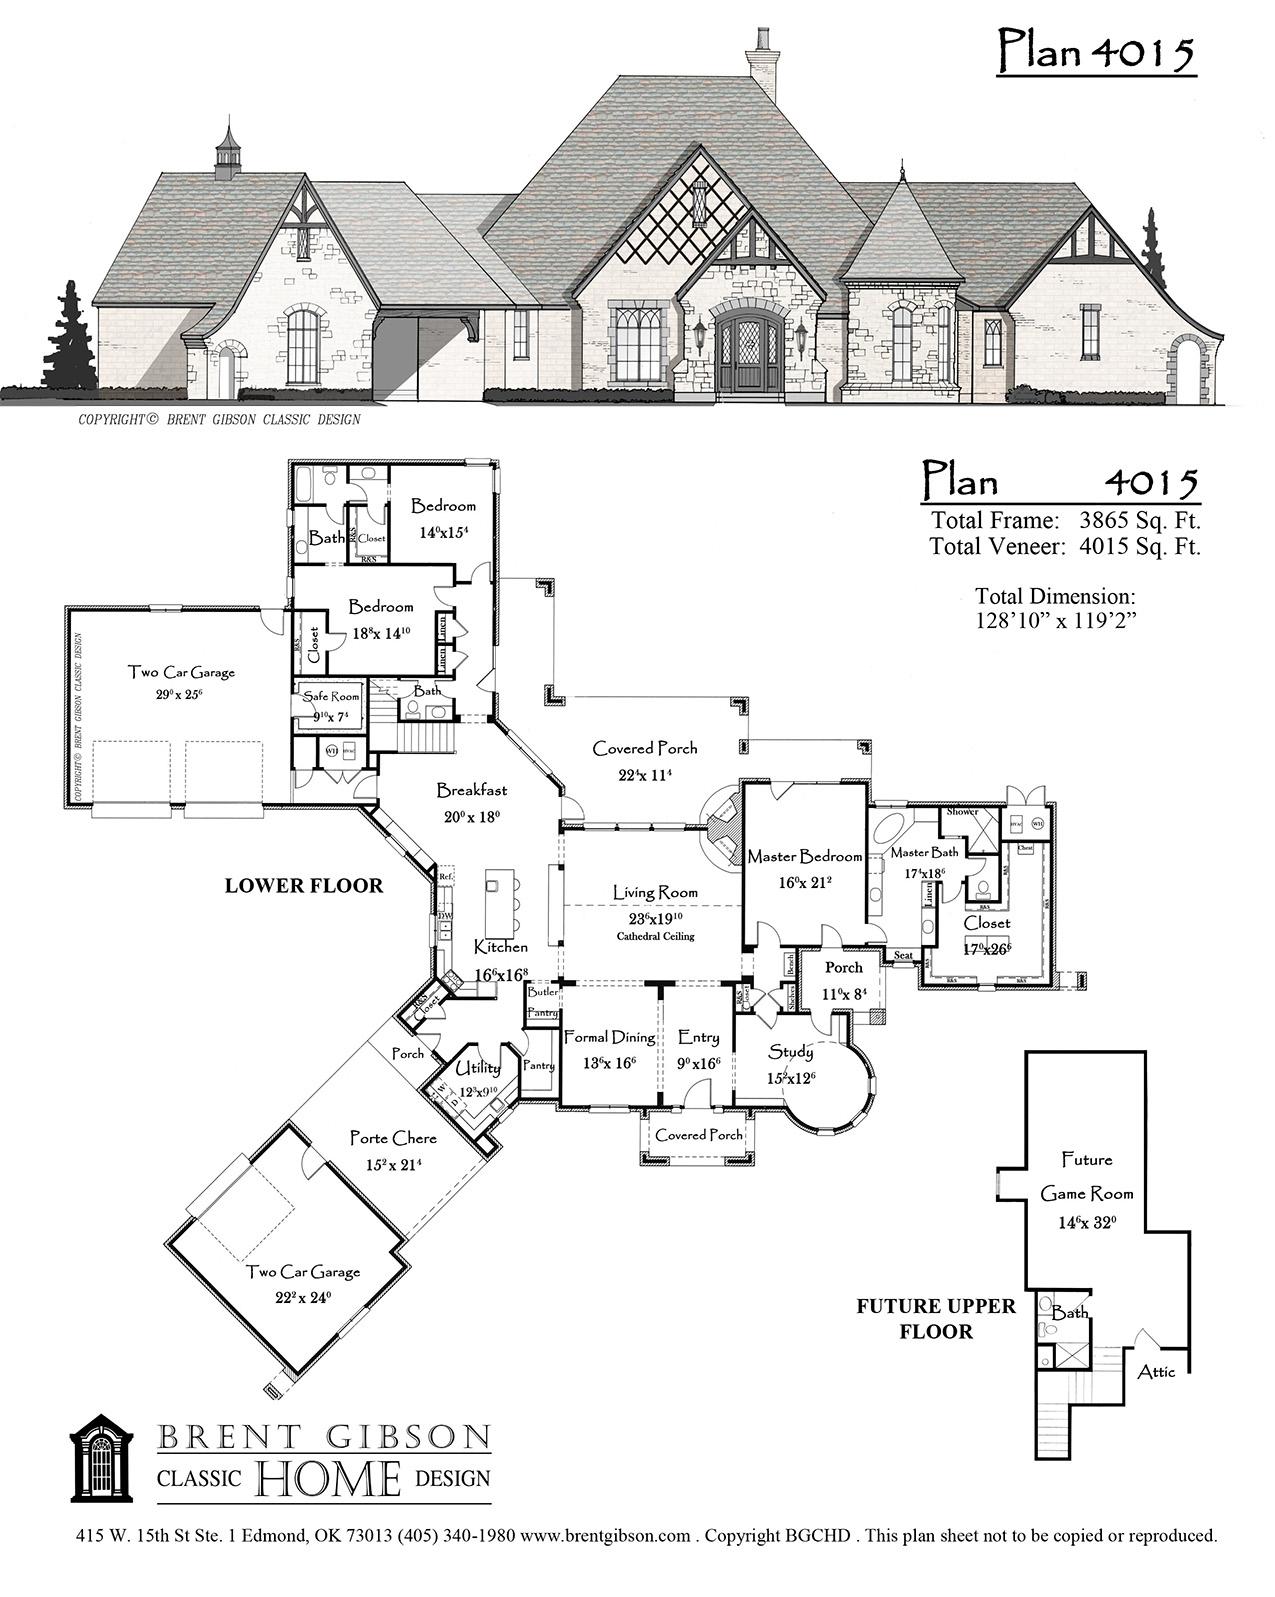 Plan 4015